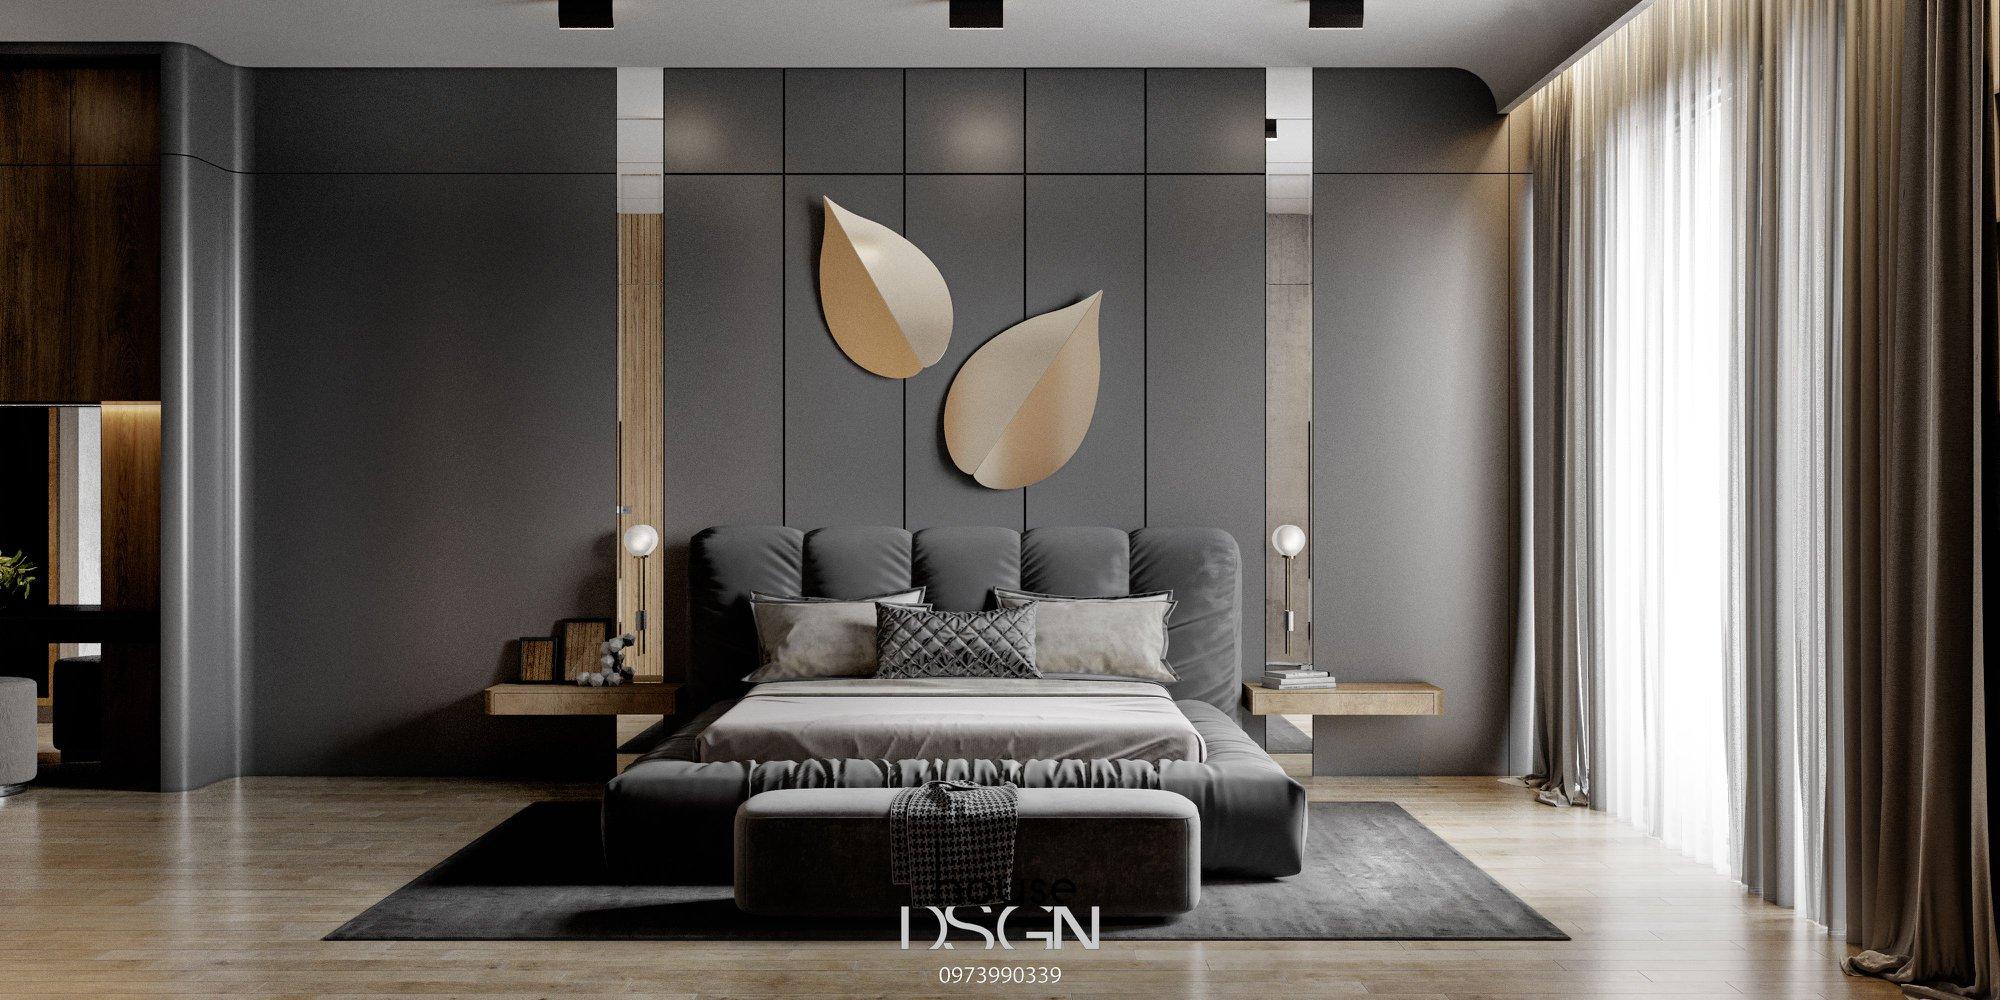 mẫu phong cách nội thất mix and match hot